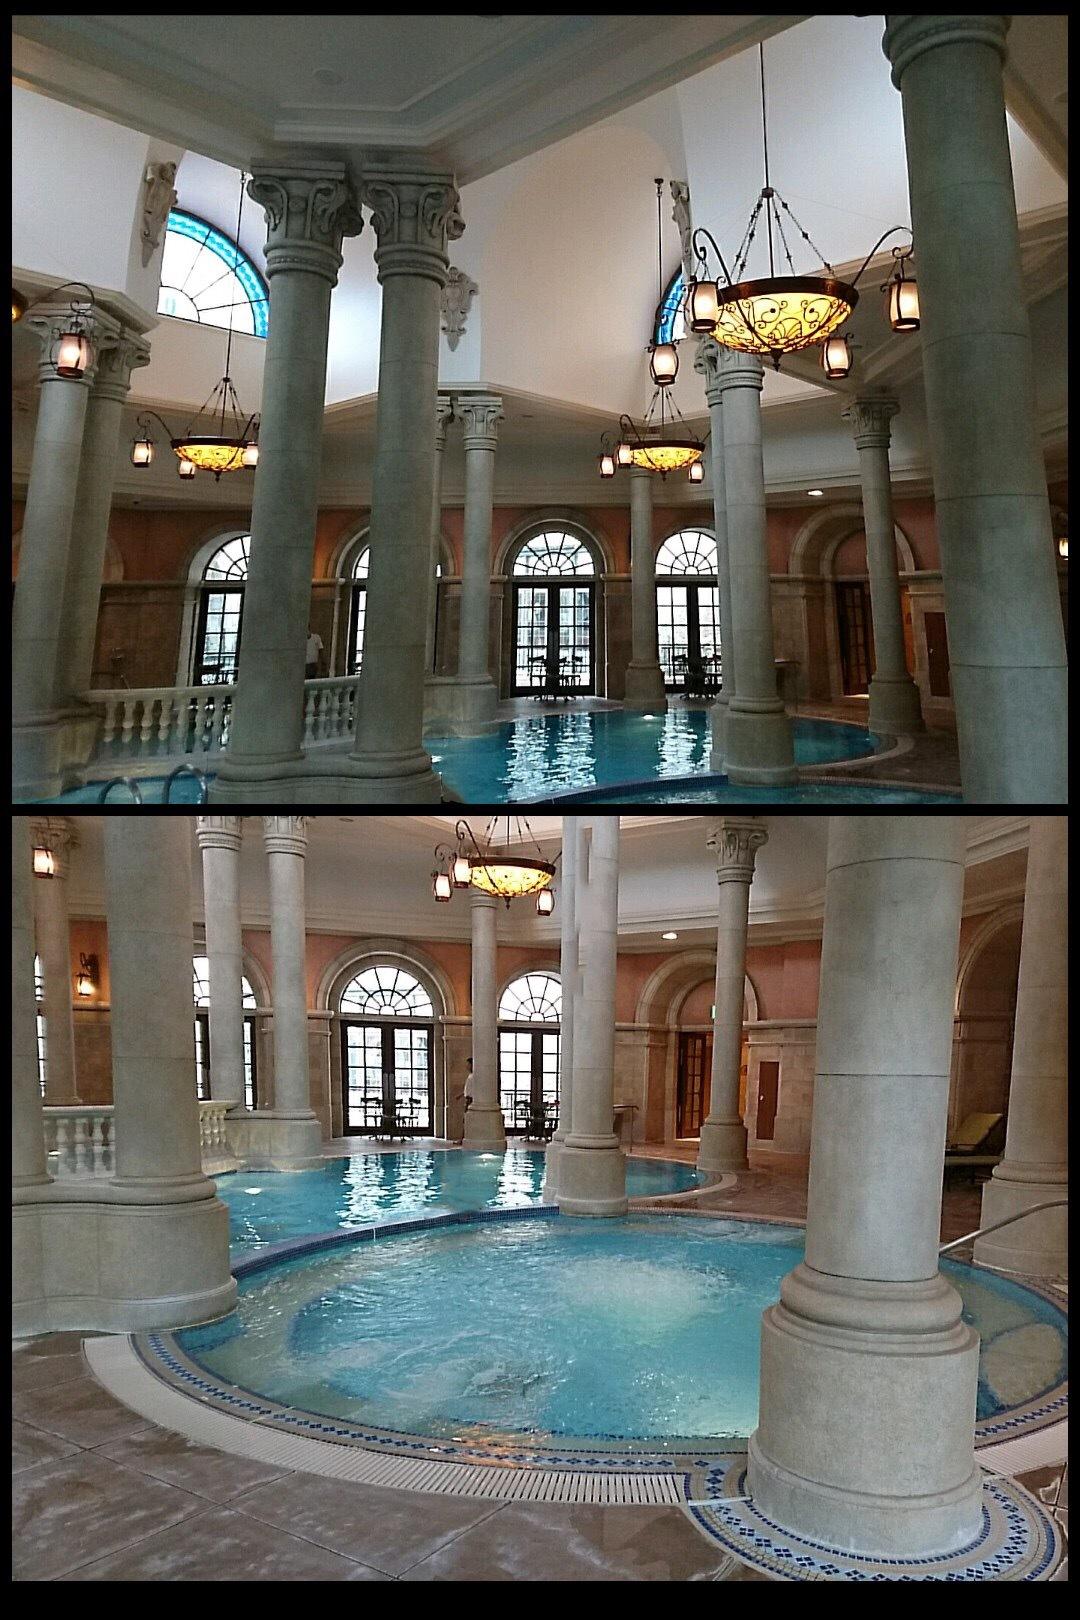 ホテルミラコスタ プール テルメヴェネチア